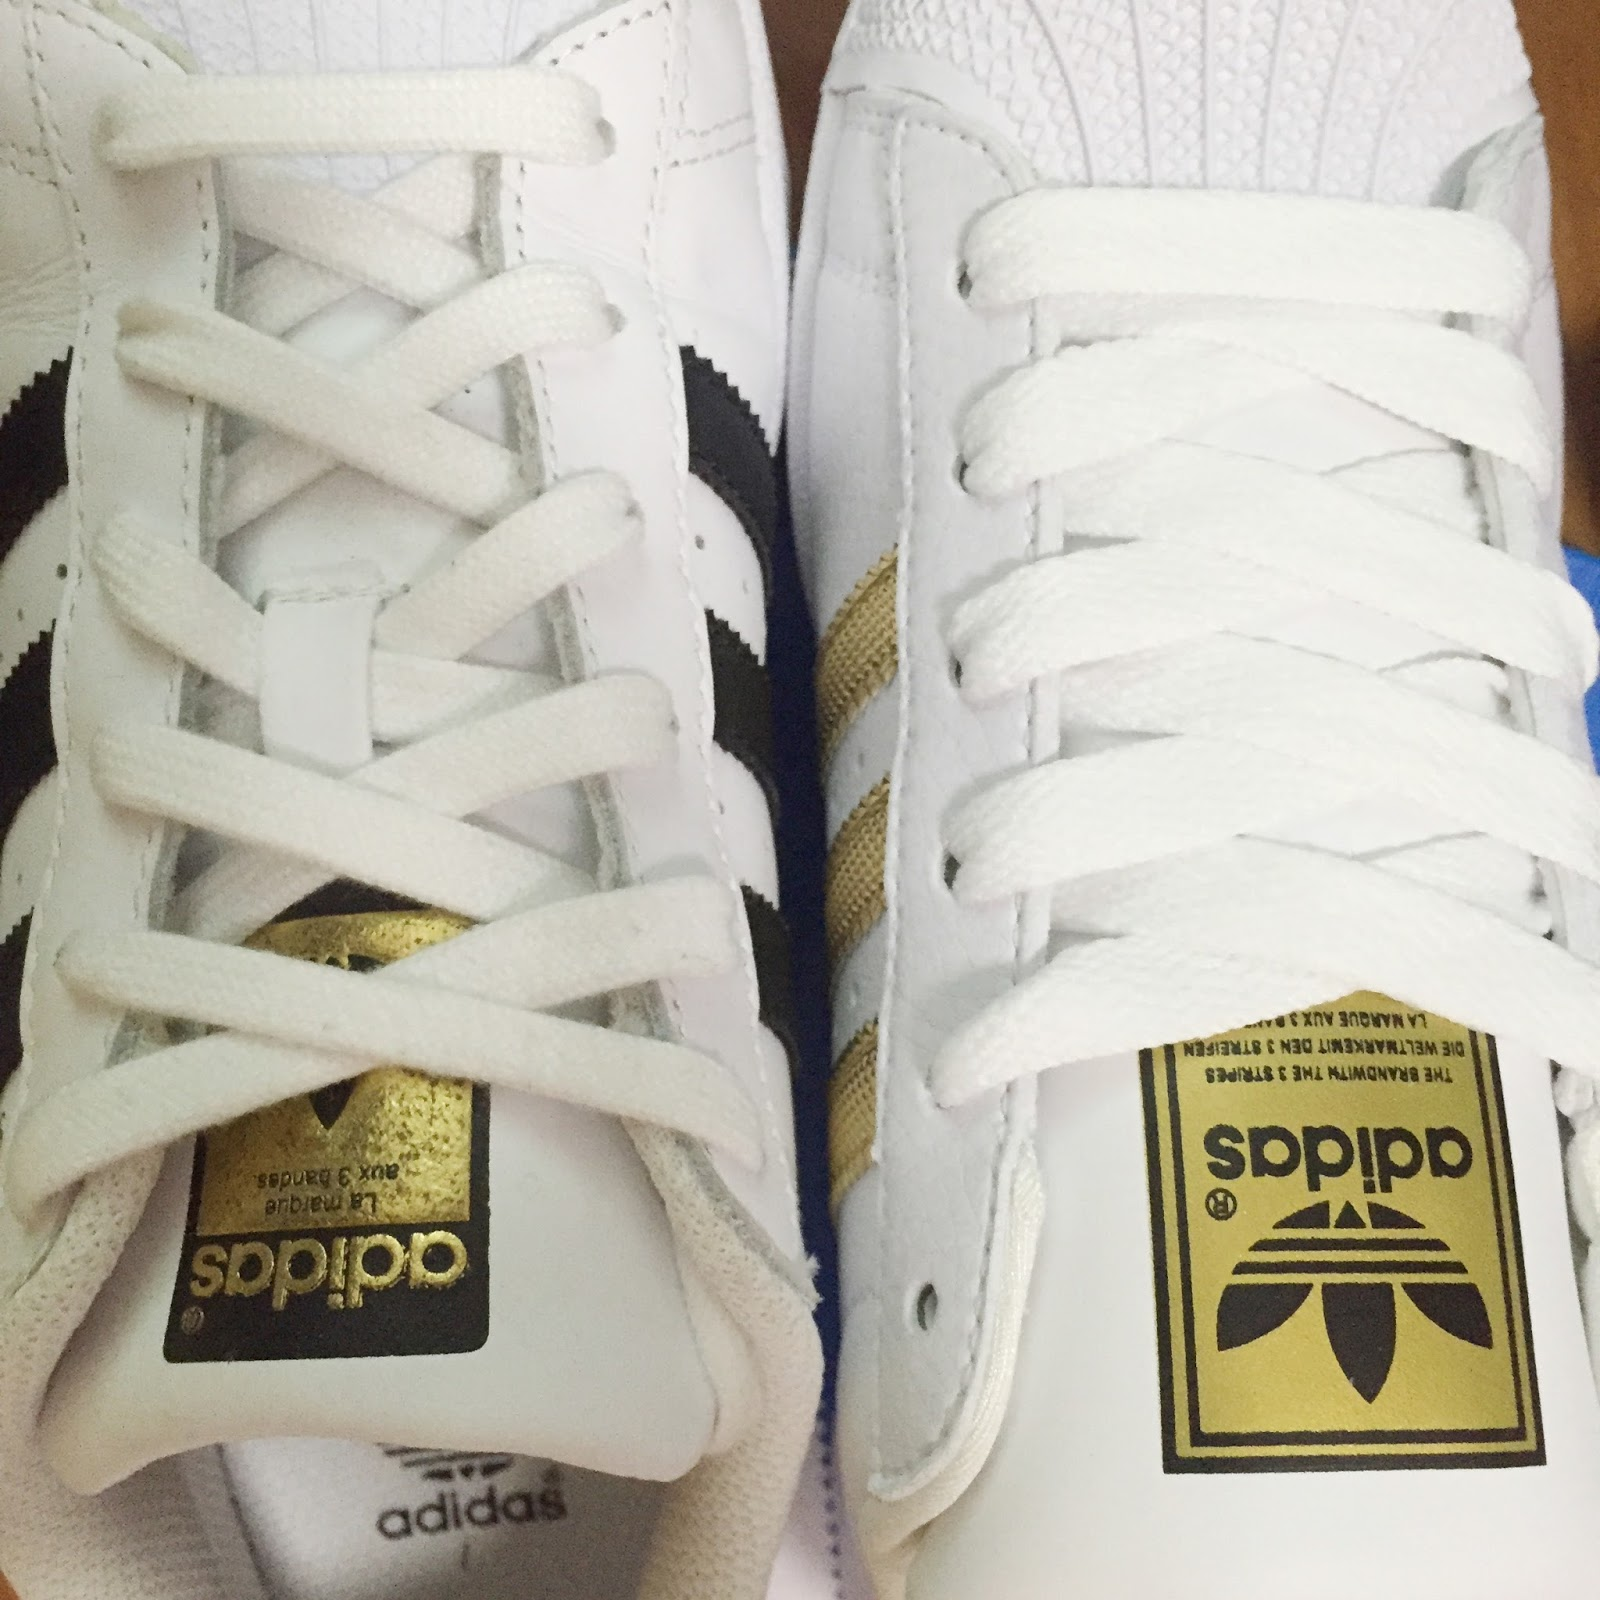 511d8180be2f Как отличить подделку кроссовок Adidas от оригинала? ФОТО